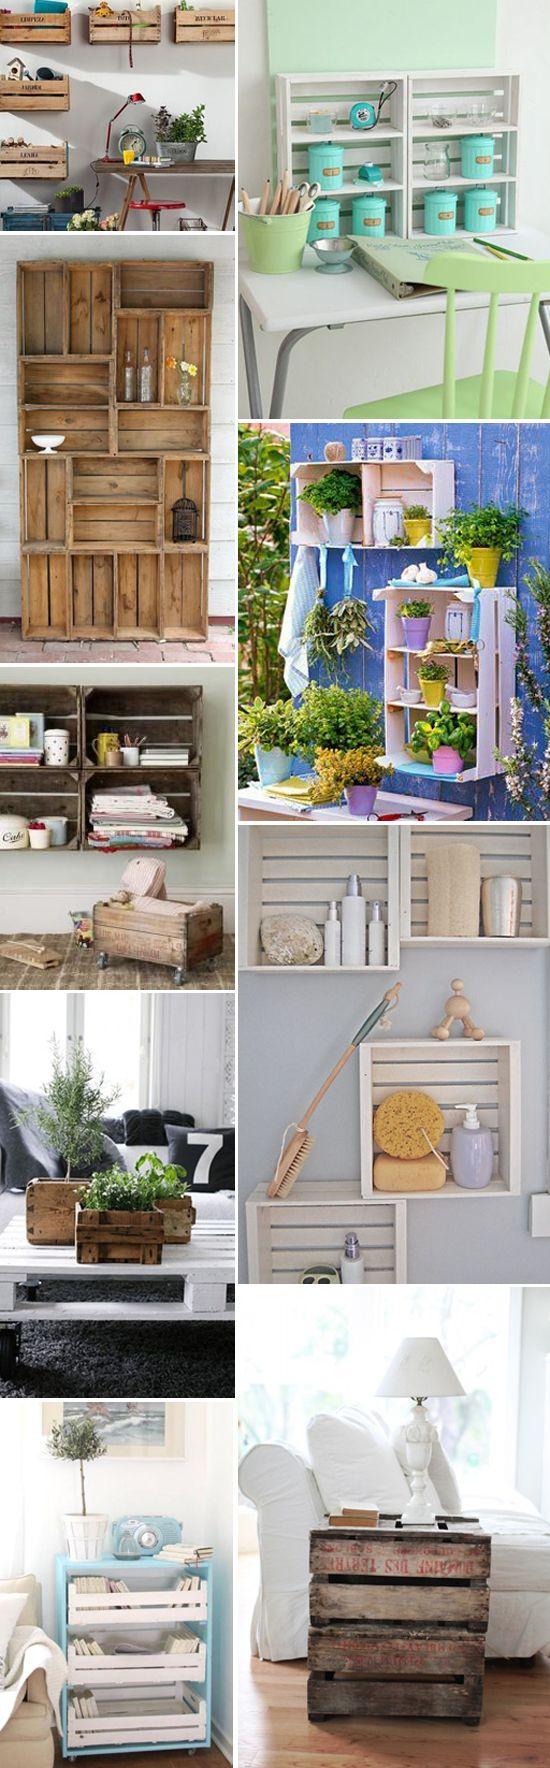 cassette della frutta diventano librerie, tavolini, scaffali.. read http://www.lifeandthecity.it/riciclo-creativo-le-cassette-della-frutta-diventano-librerie-tavolini-e-scaffali/